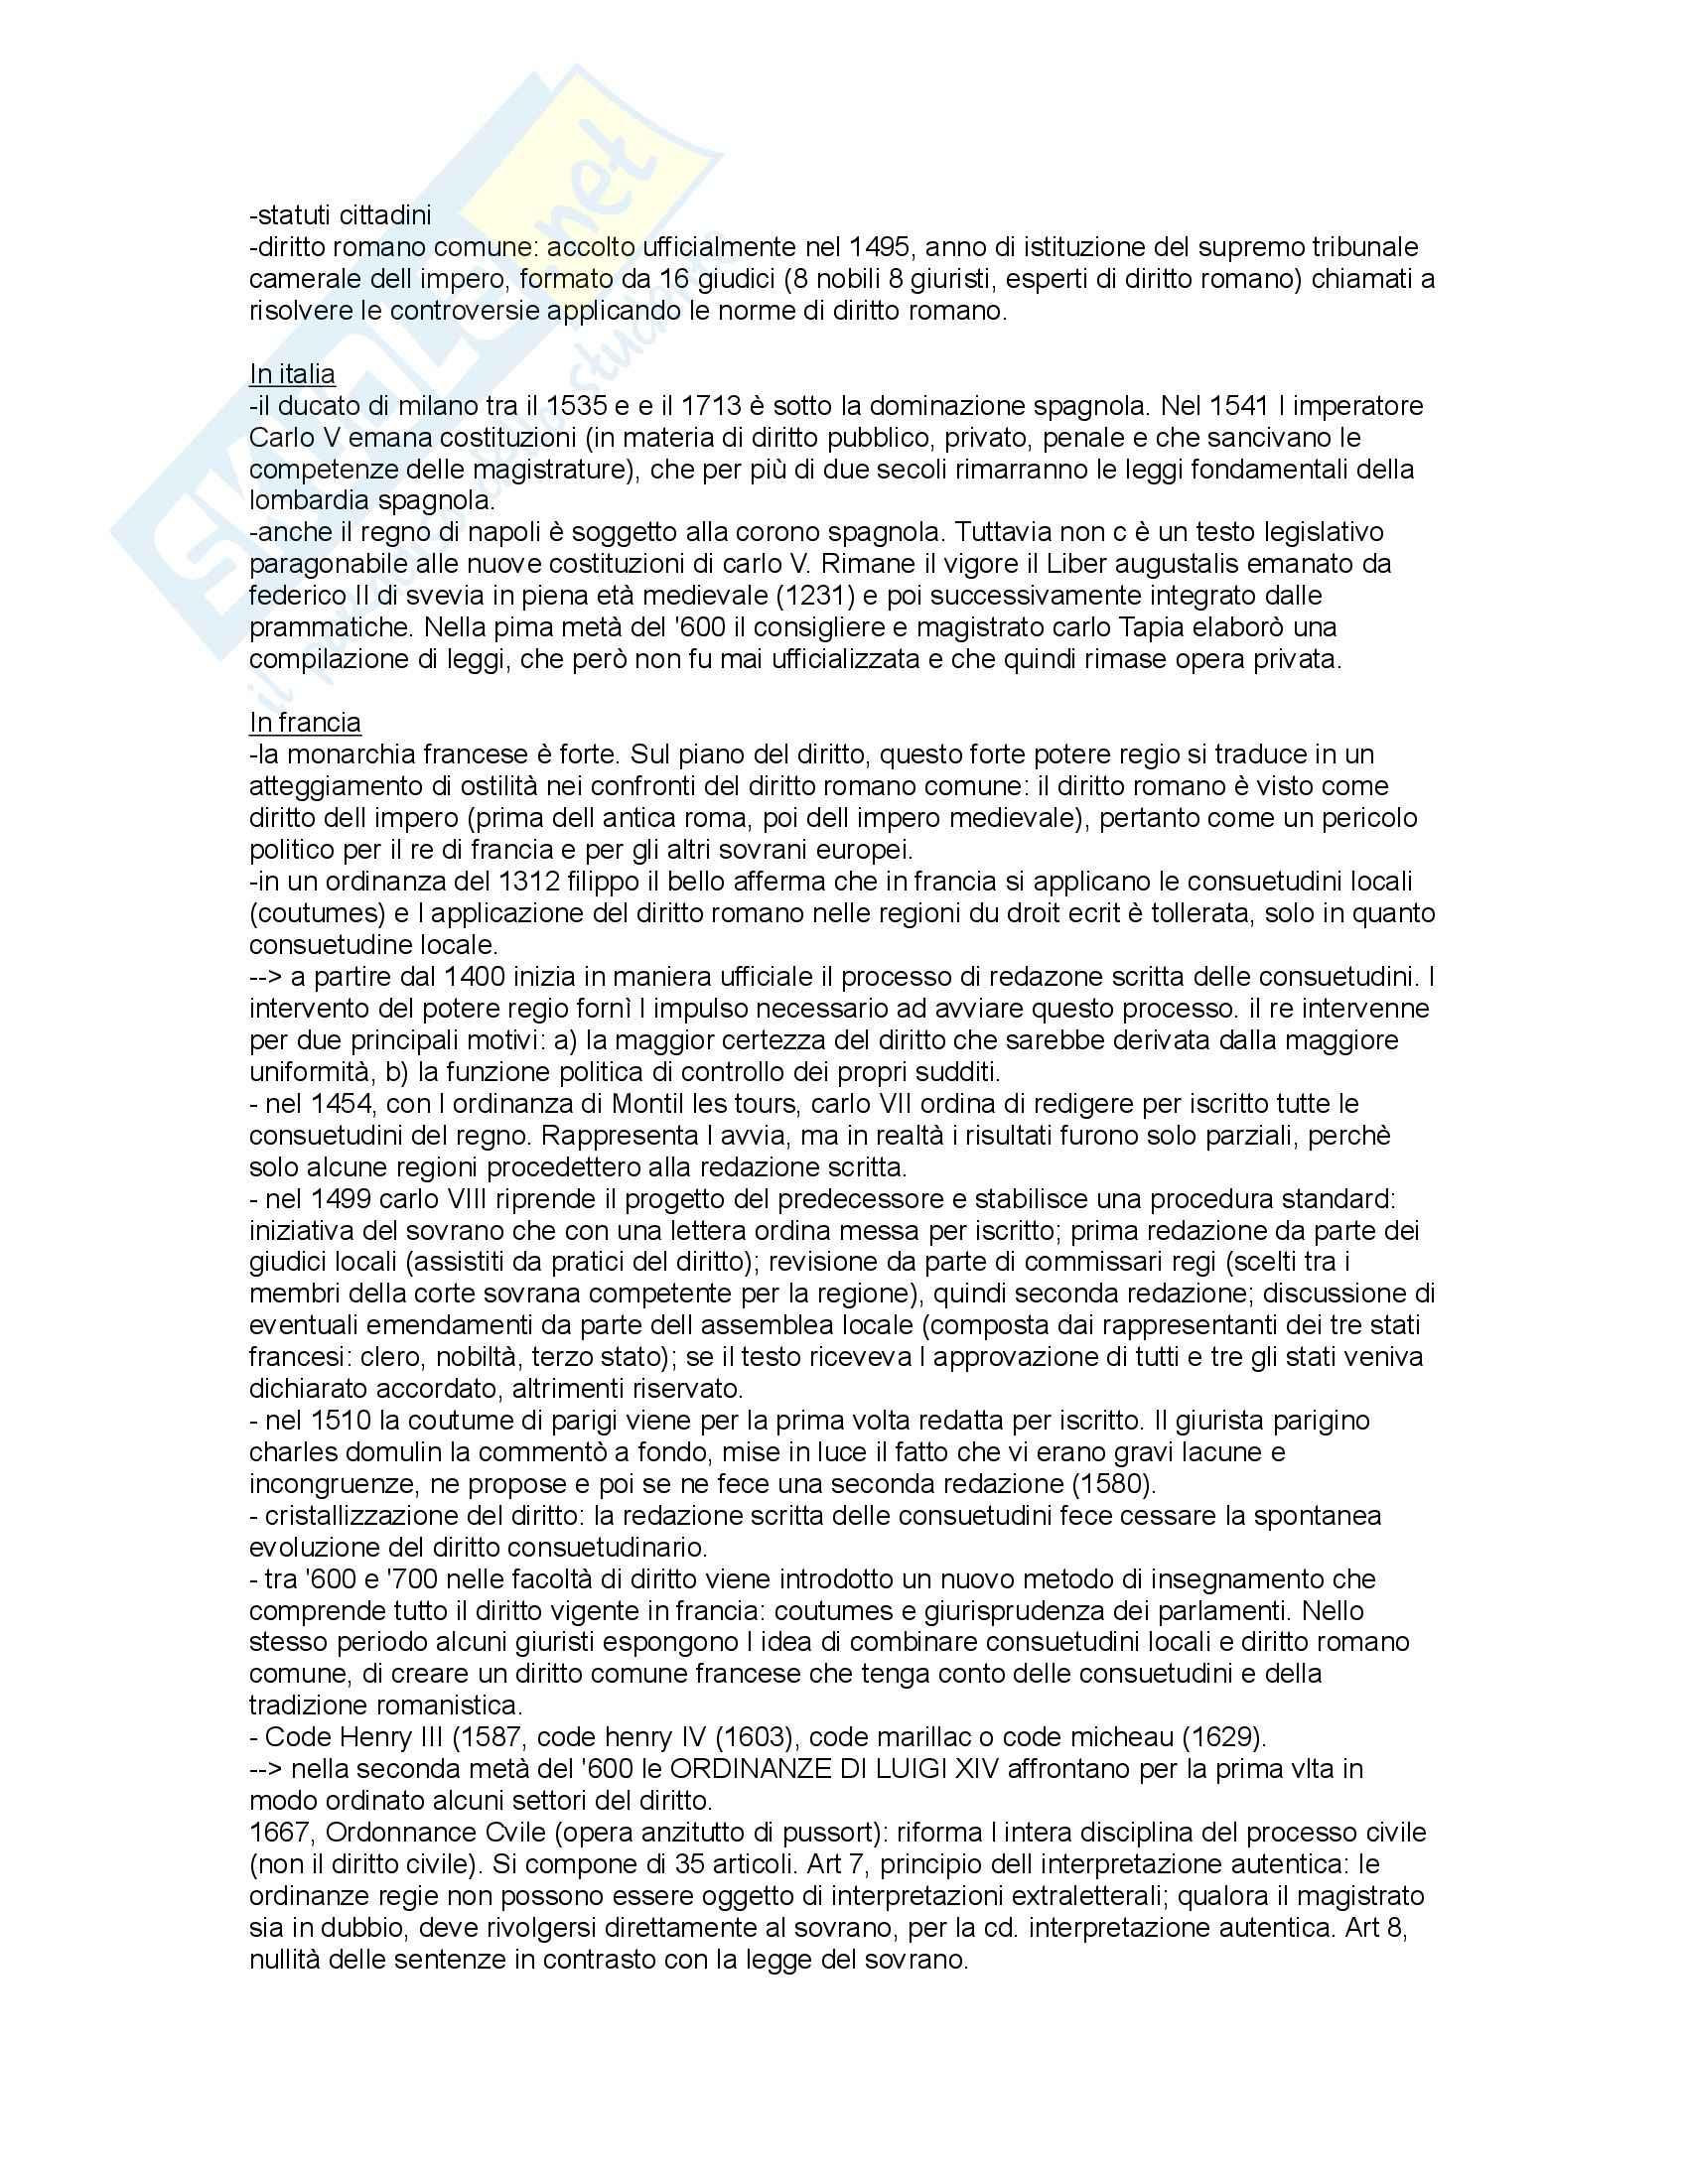 Storia del diritto in Europa - Padoa Schioppa - Riassunto esame, prof. Miglierino Pag. 16